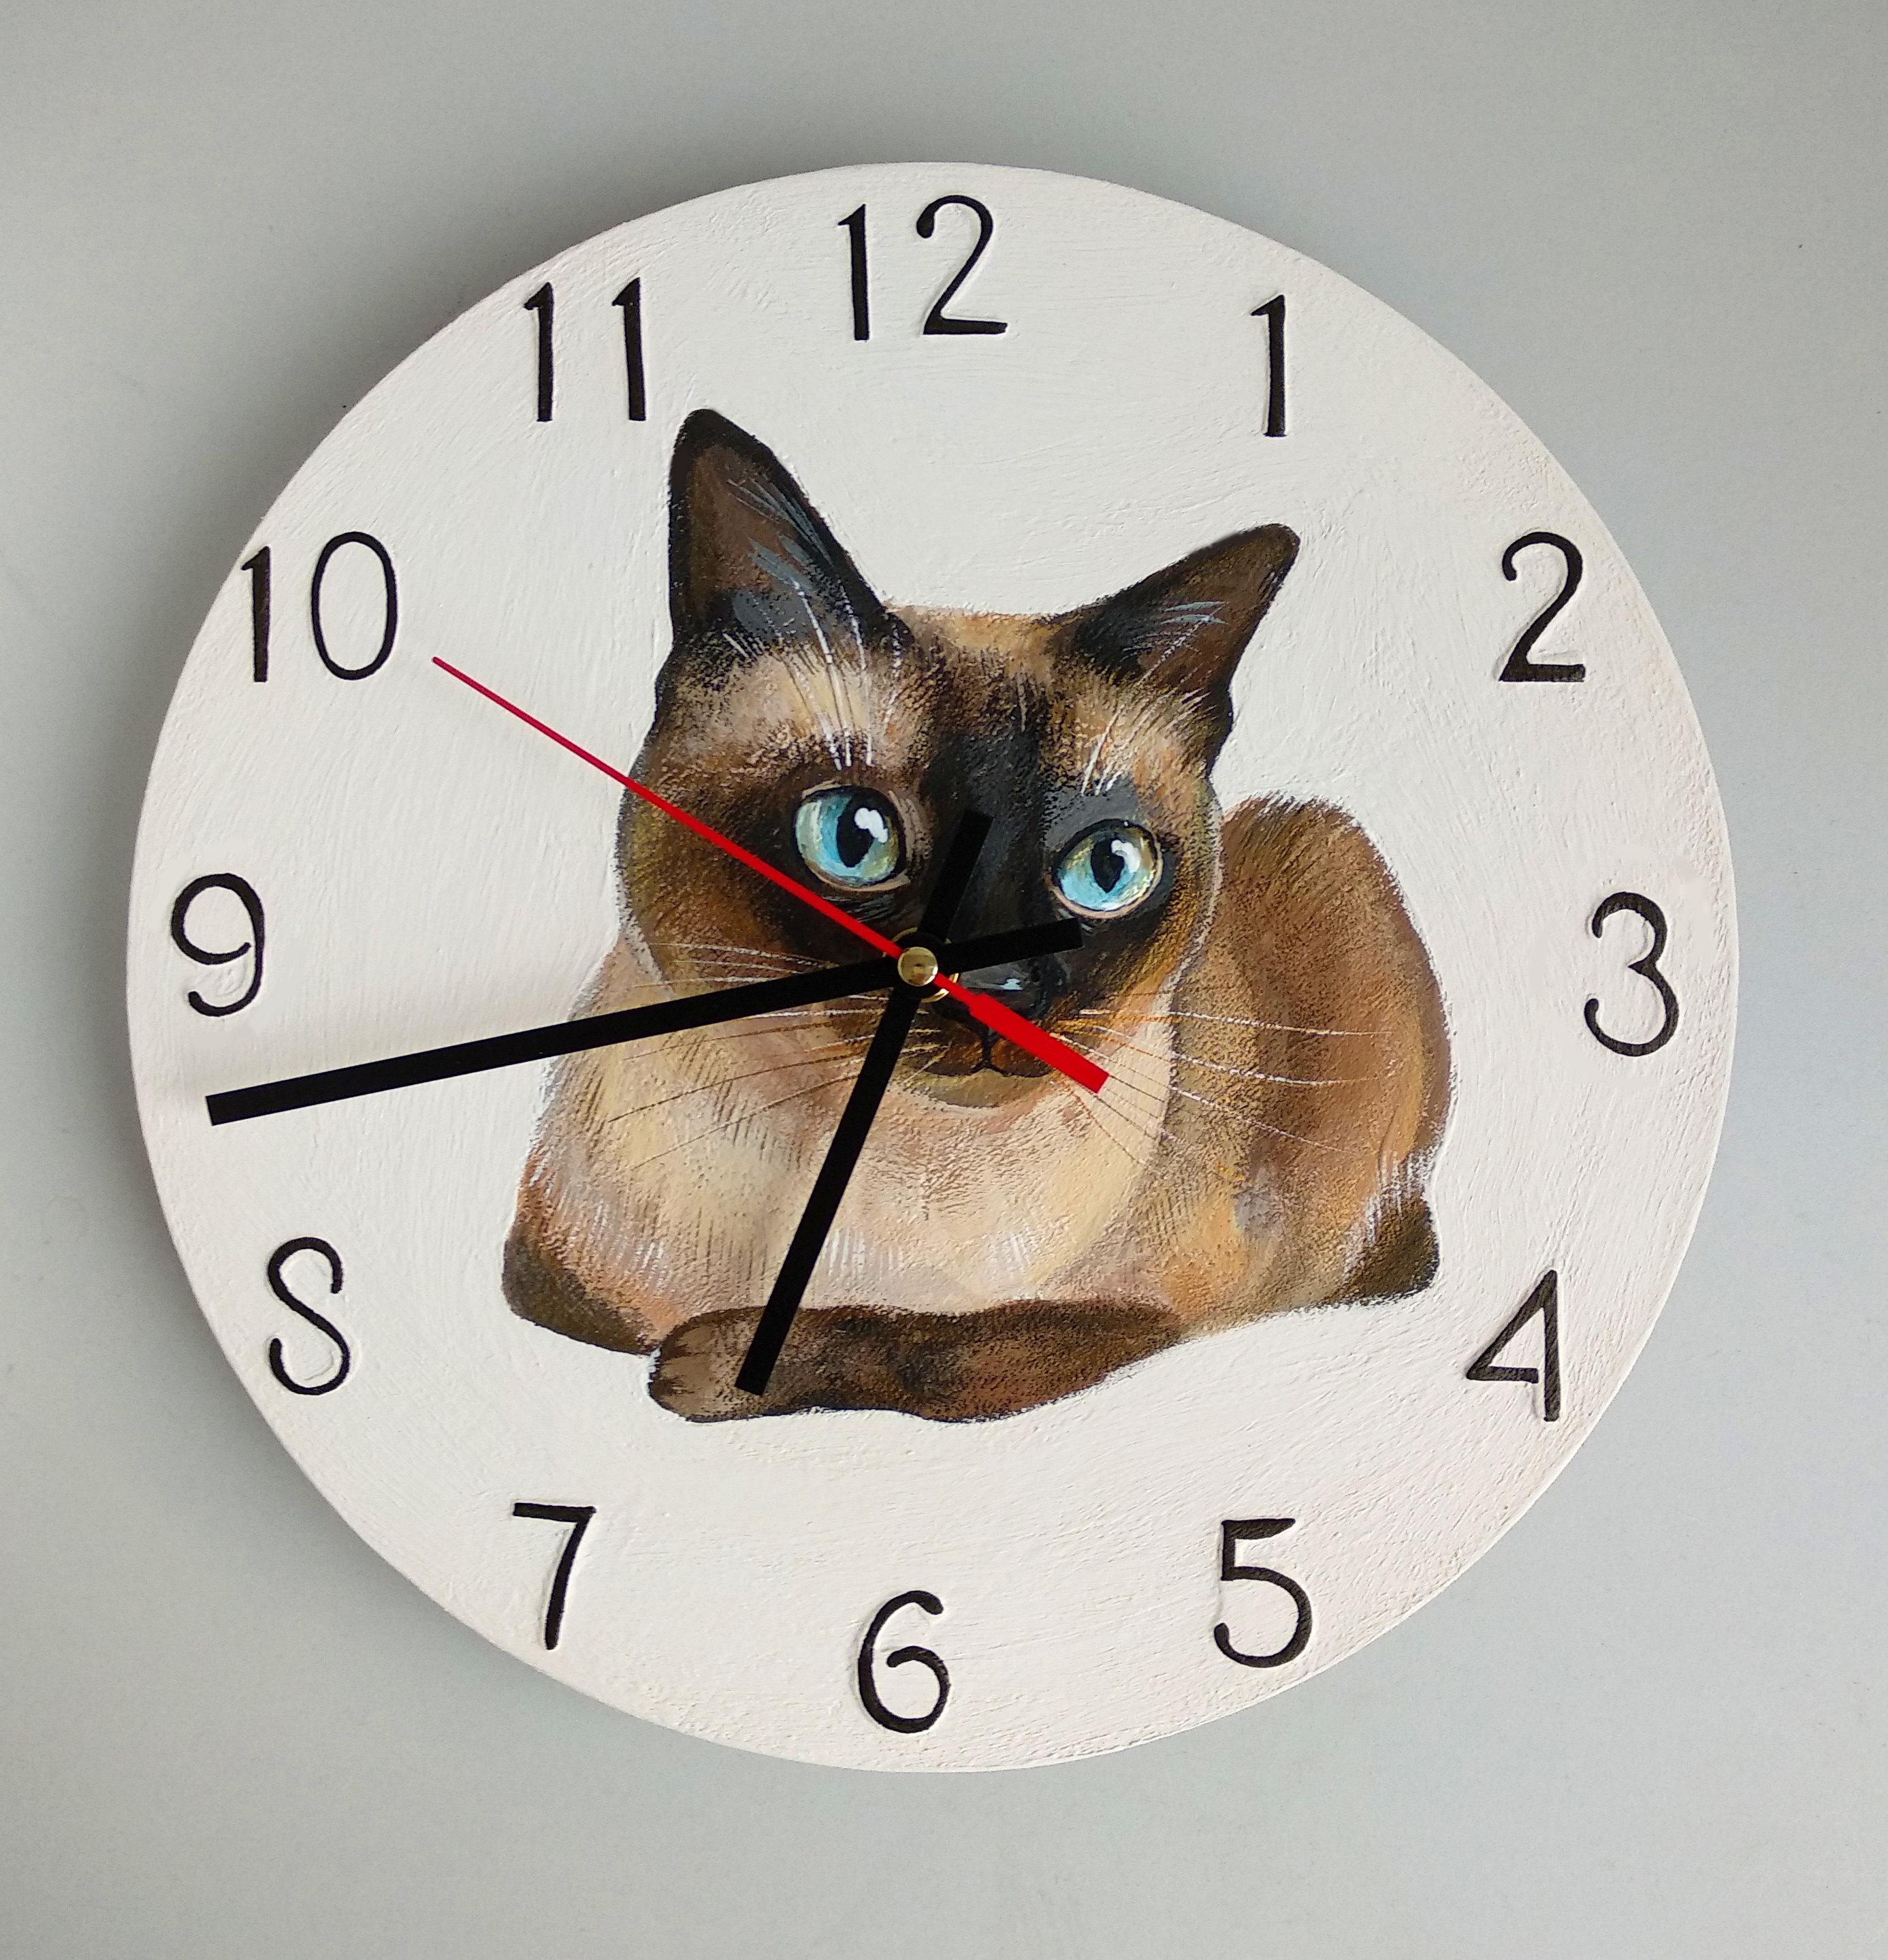 シャム猫がデザインされたかわいい掛け時計です AL完売しました 猫 シャム猫 掛け時計 壁掛け 新作からSALEアイテム等お得な商品 満載 時計 インテリア 雑貨 個性的 グッズ 猫雑貨 プレゼント 木製 猫グッズ